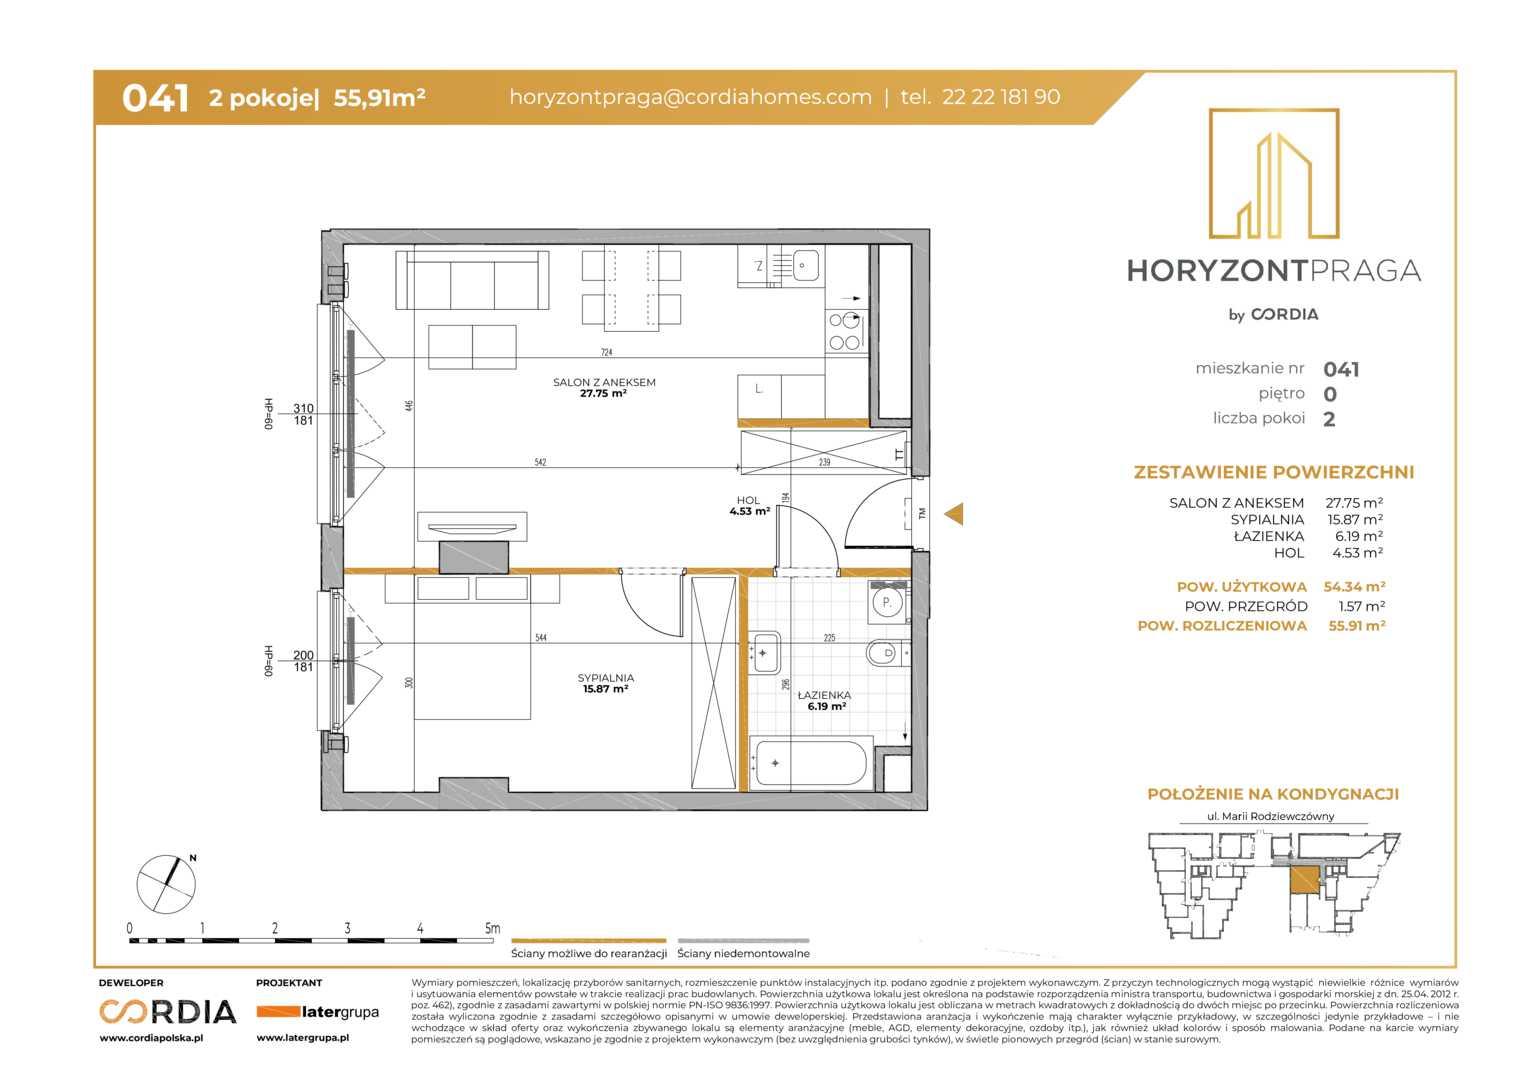 Mieszkanie w inwestycji: Horyzont Praga